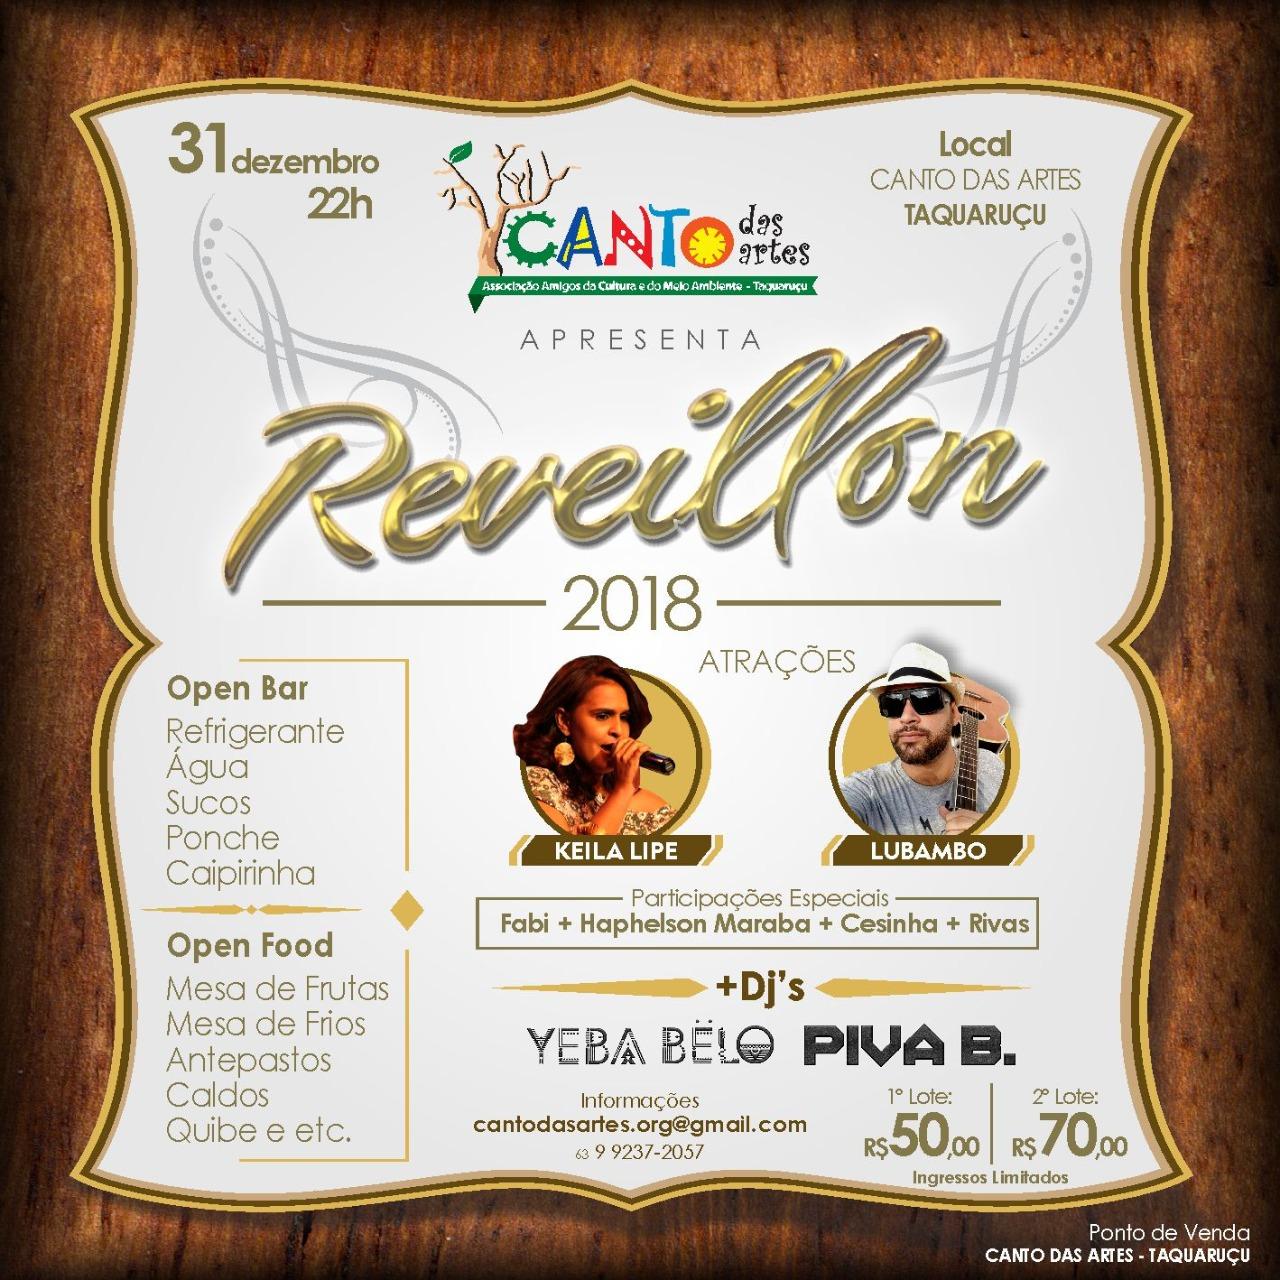 RéVEILLON 2018 - Canto das Artes - Taquaruçu